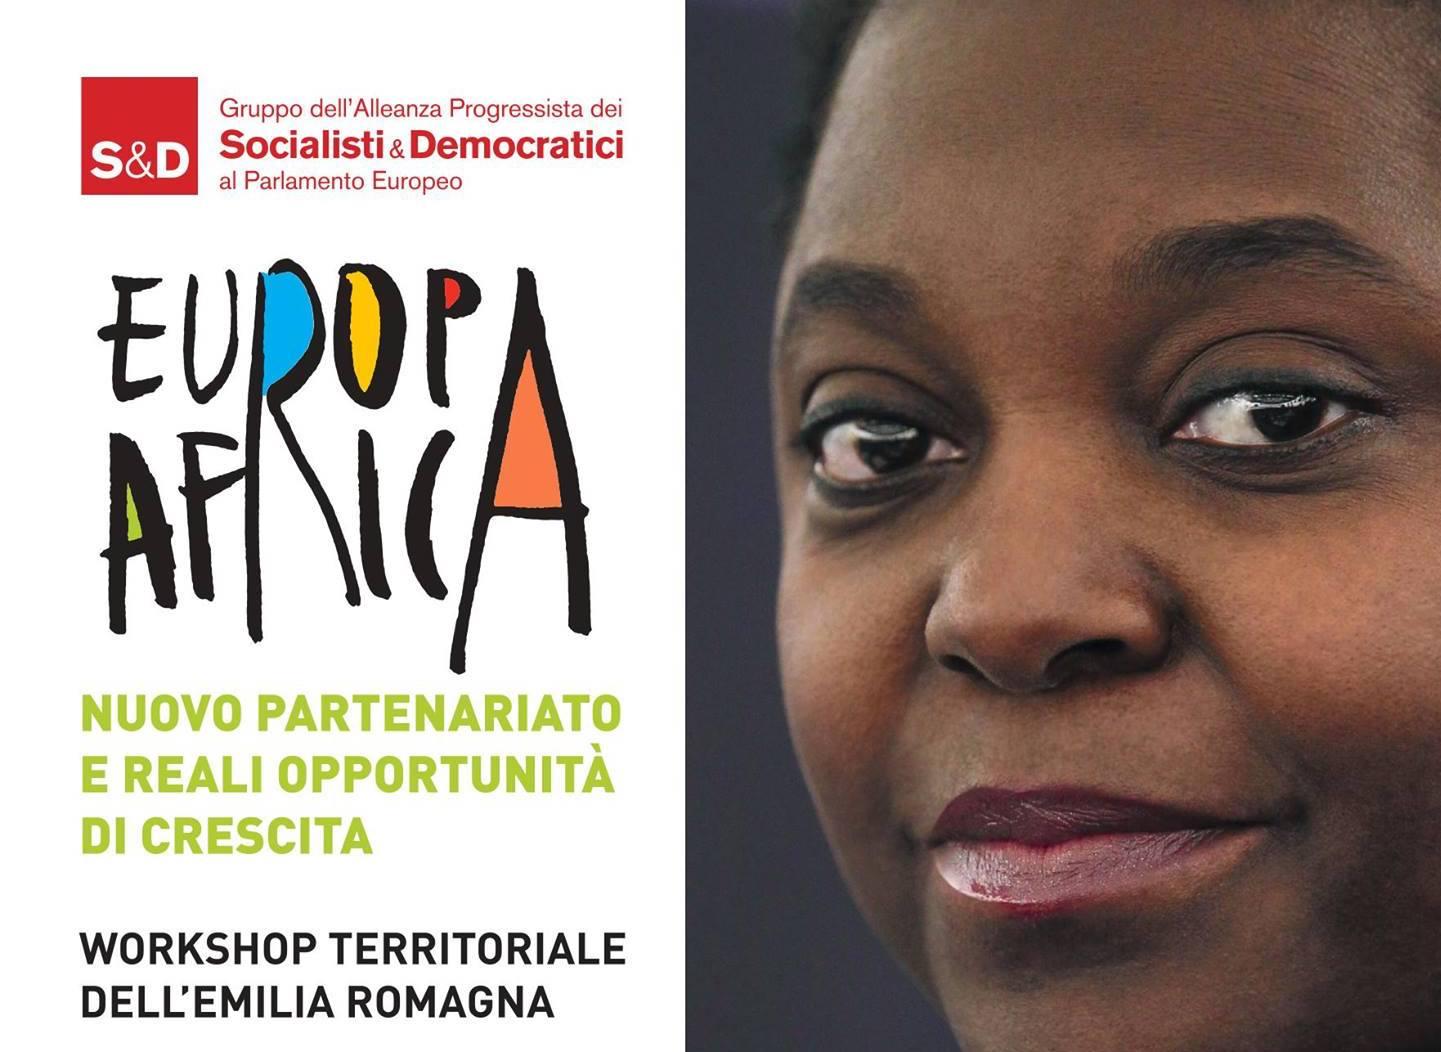 EuropAfrica: la sfida delle opportunità